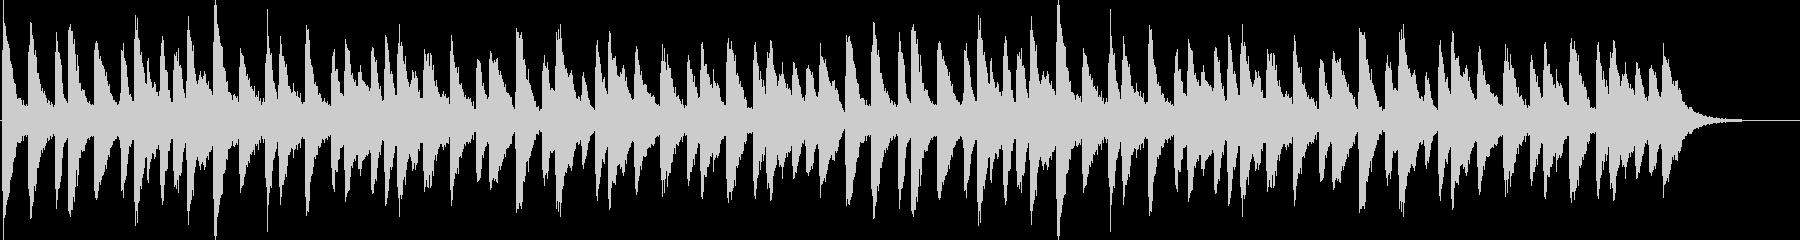 クリスマス、ベルの音色、ロングバージョンの未再生の波形